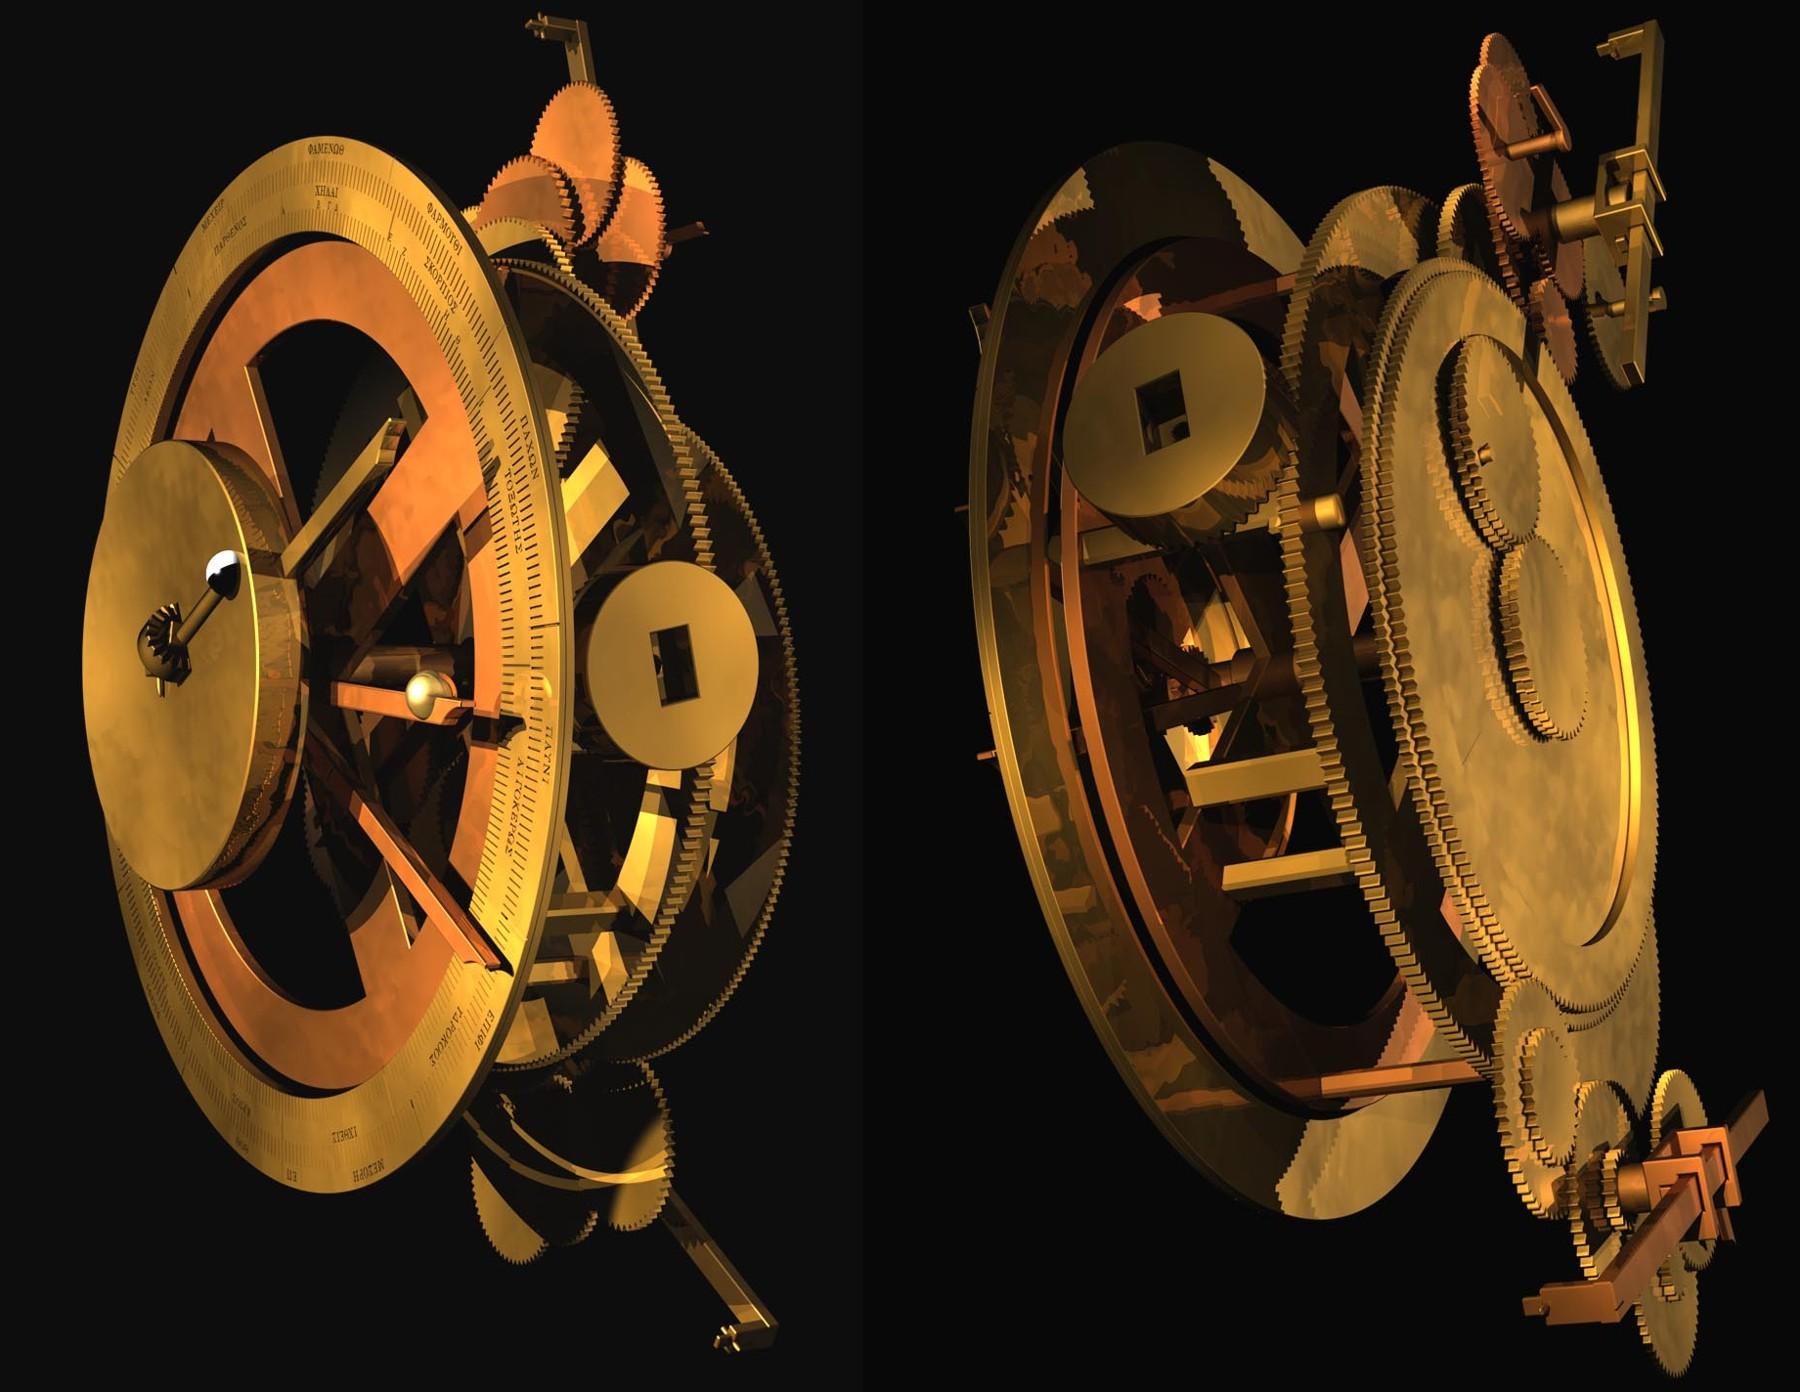 Reconstrucción por ordenador, en vista anterior y posterior, del mecanismo de Anticitera.© 2008 Tony Freeth, Images First Ltd. (Clic para ampliar)